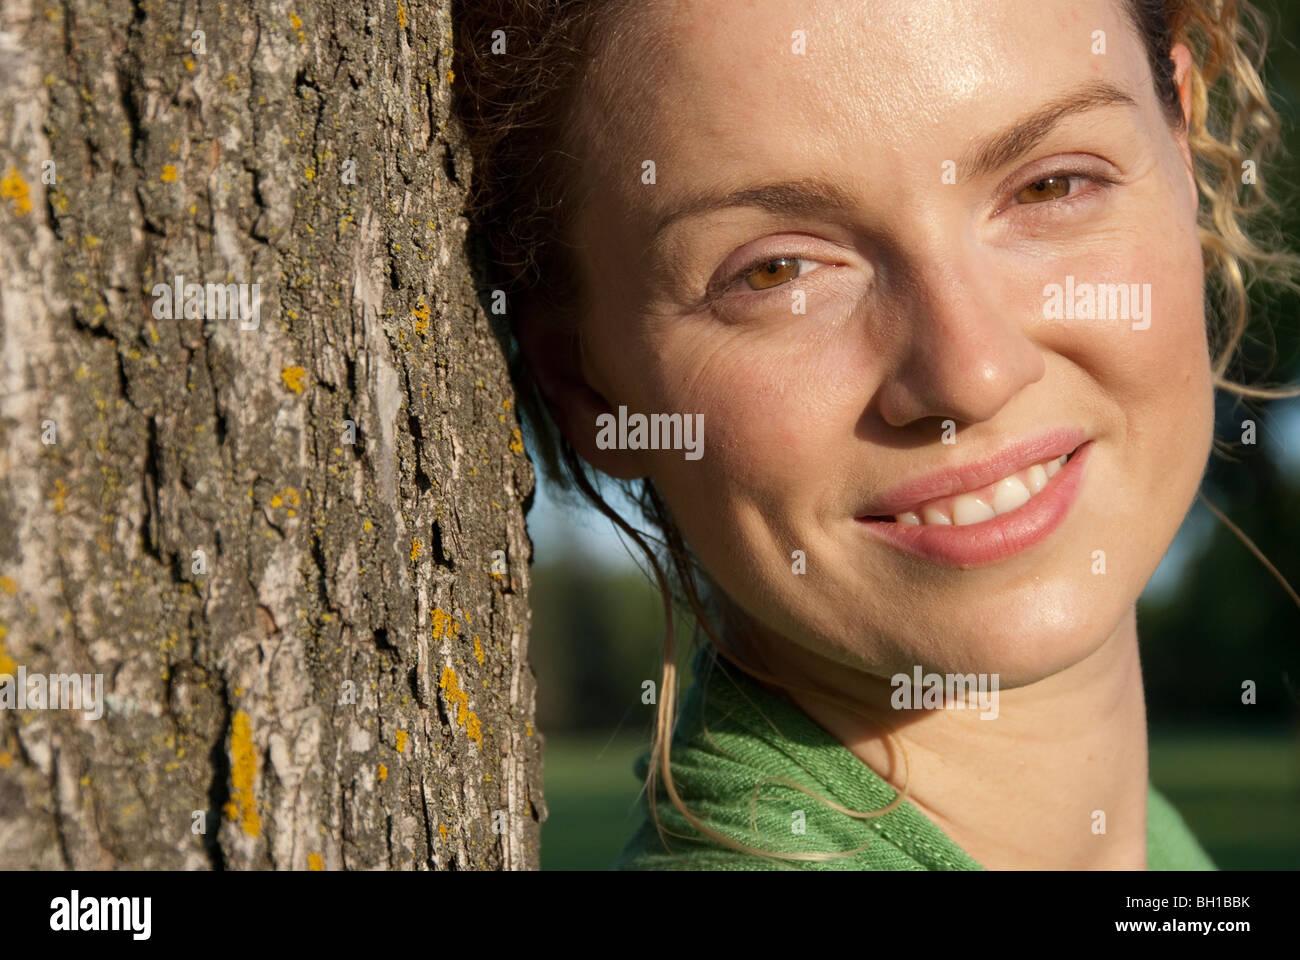 Disparo a la cabeza de la mujer en su 40s junto al árbol, Assiniboine Park, Winnipeg, Manitoba, Canadá Imagen De Stock